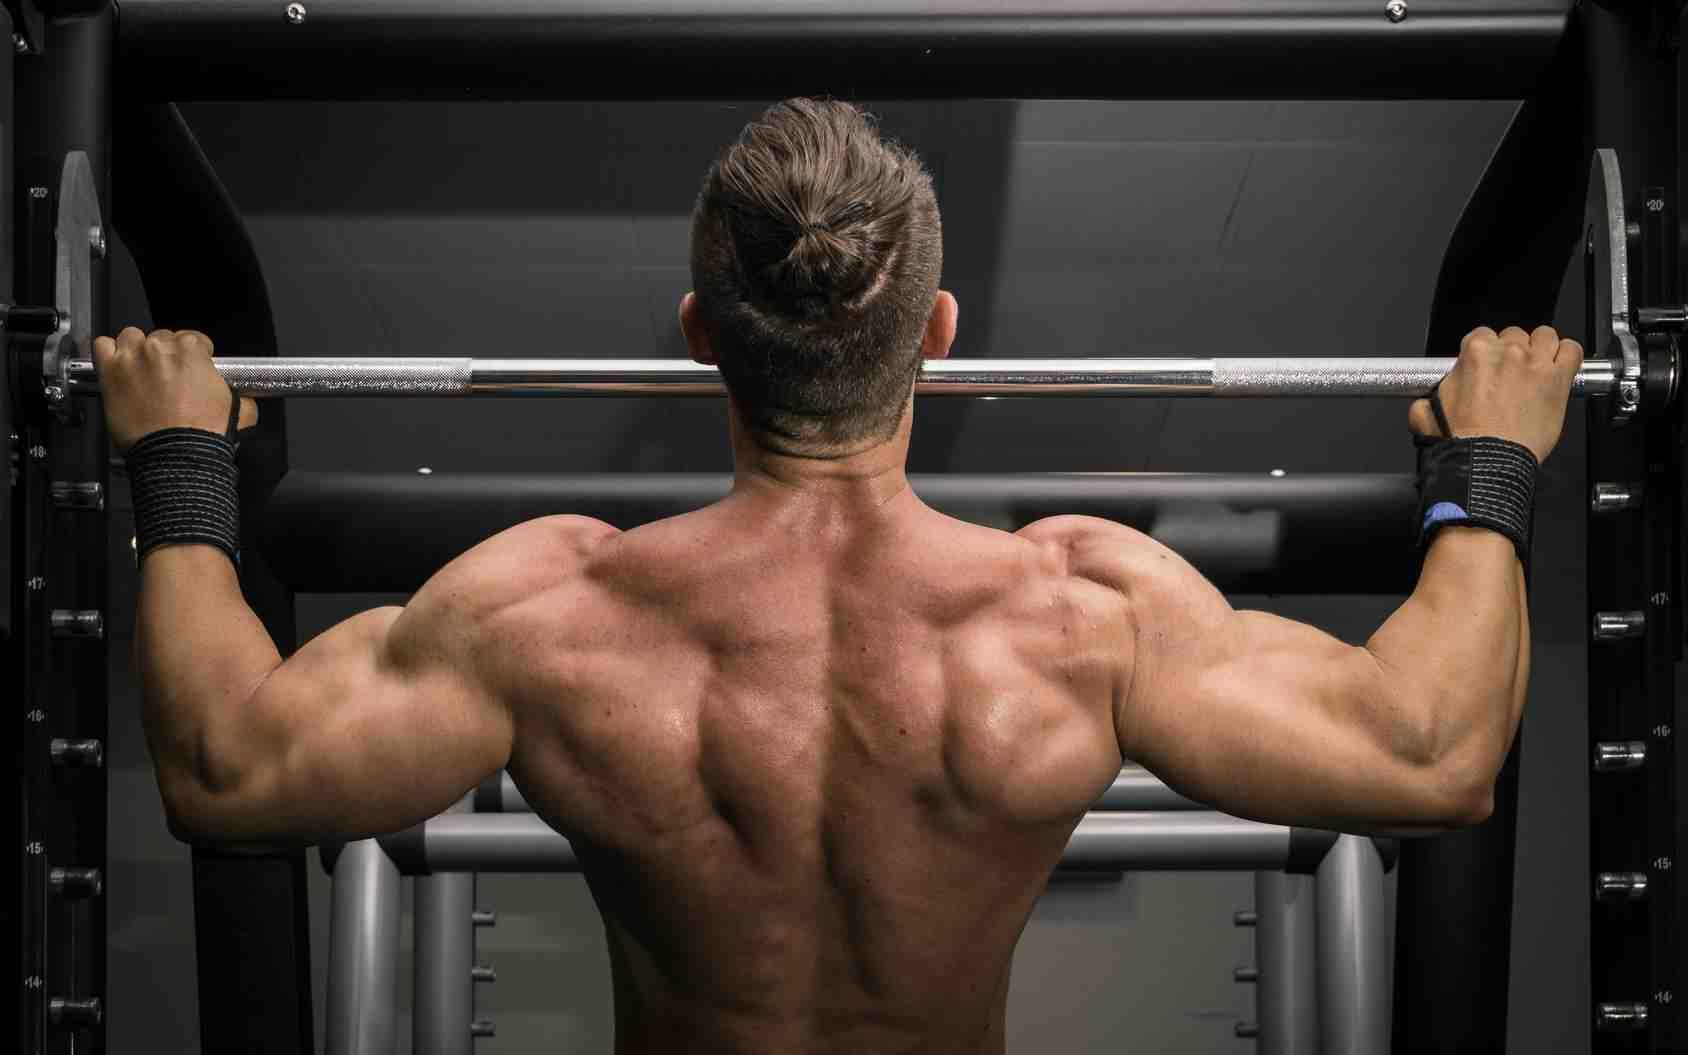 Quelle méthode de musculation choisir?